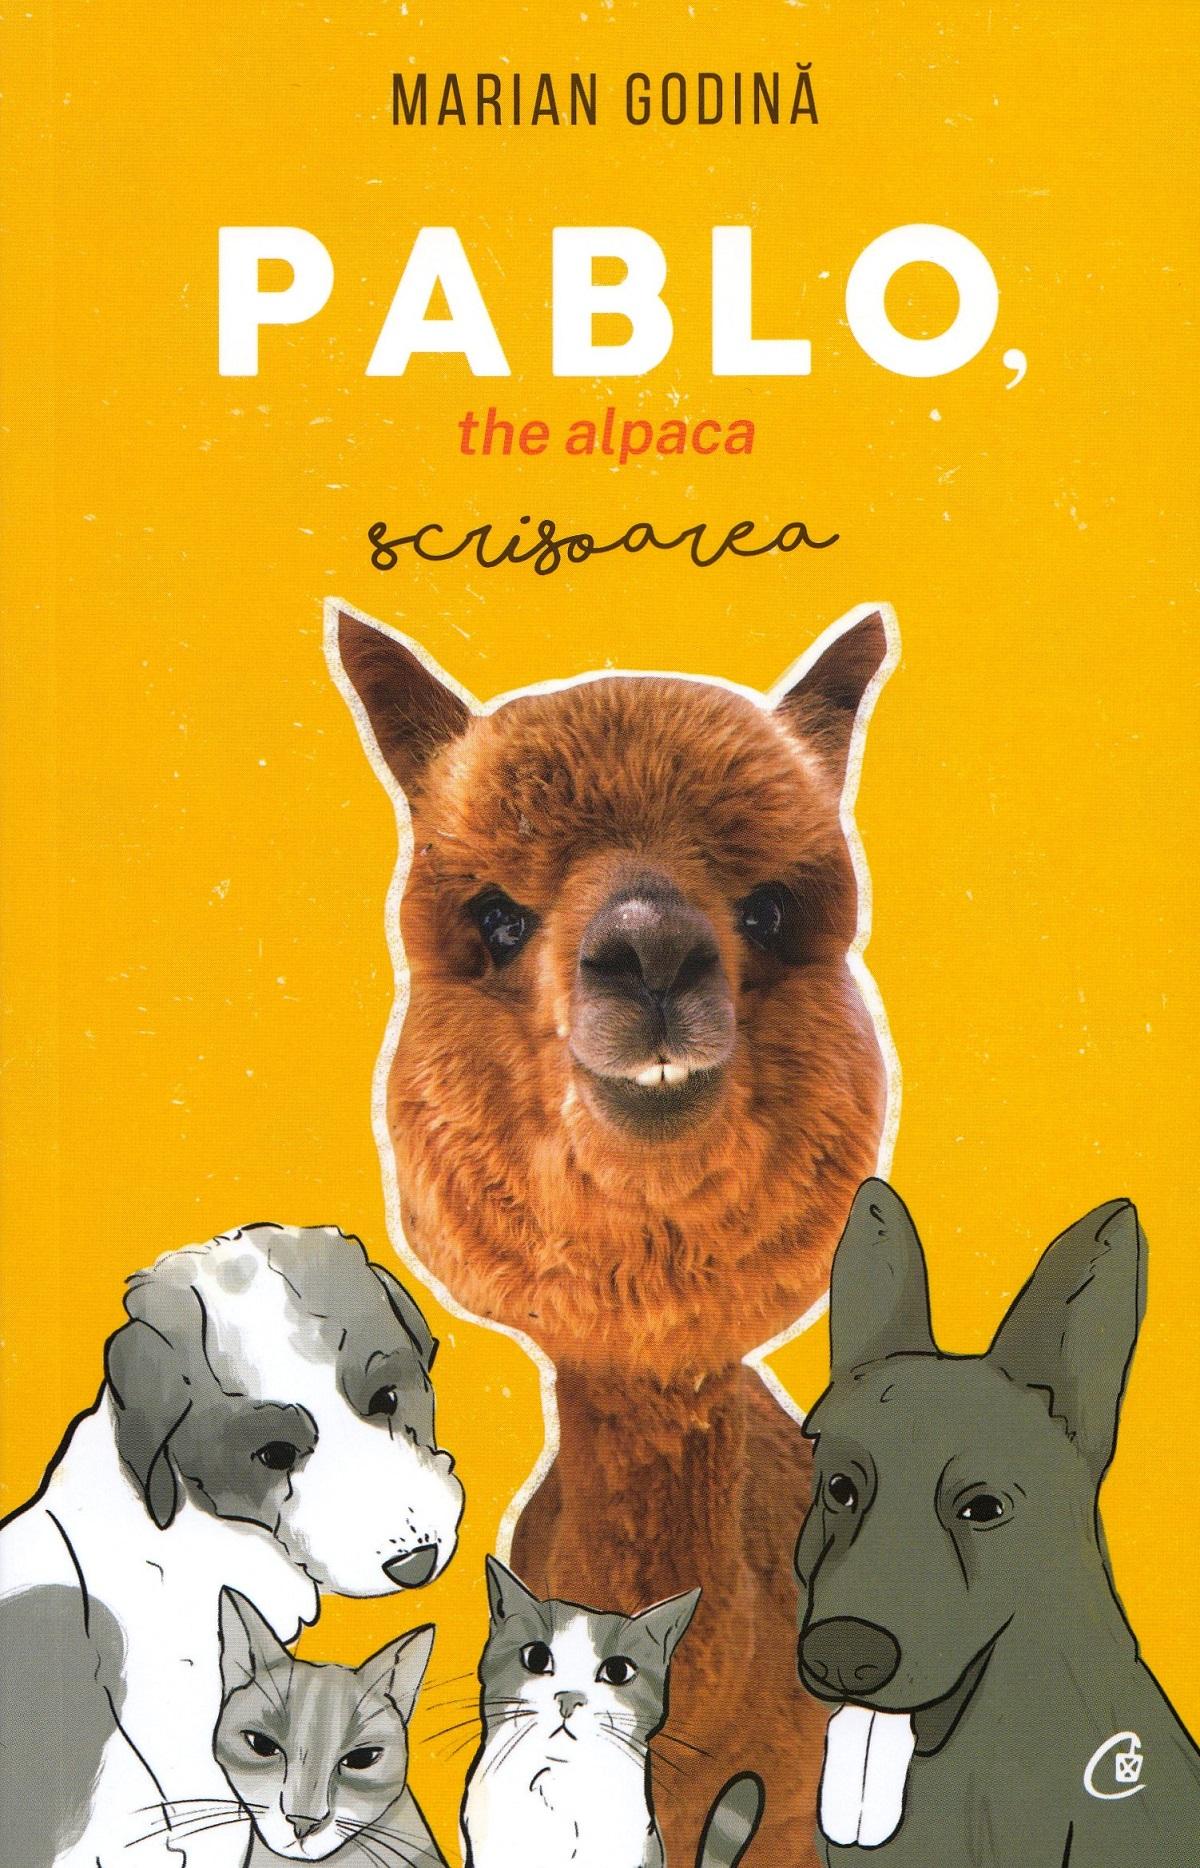 PABLO, the alpaca scrisoarea